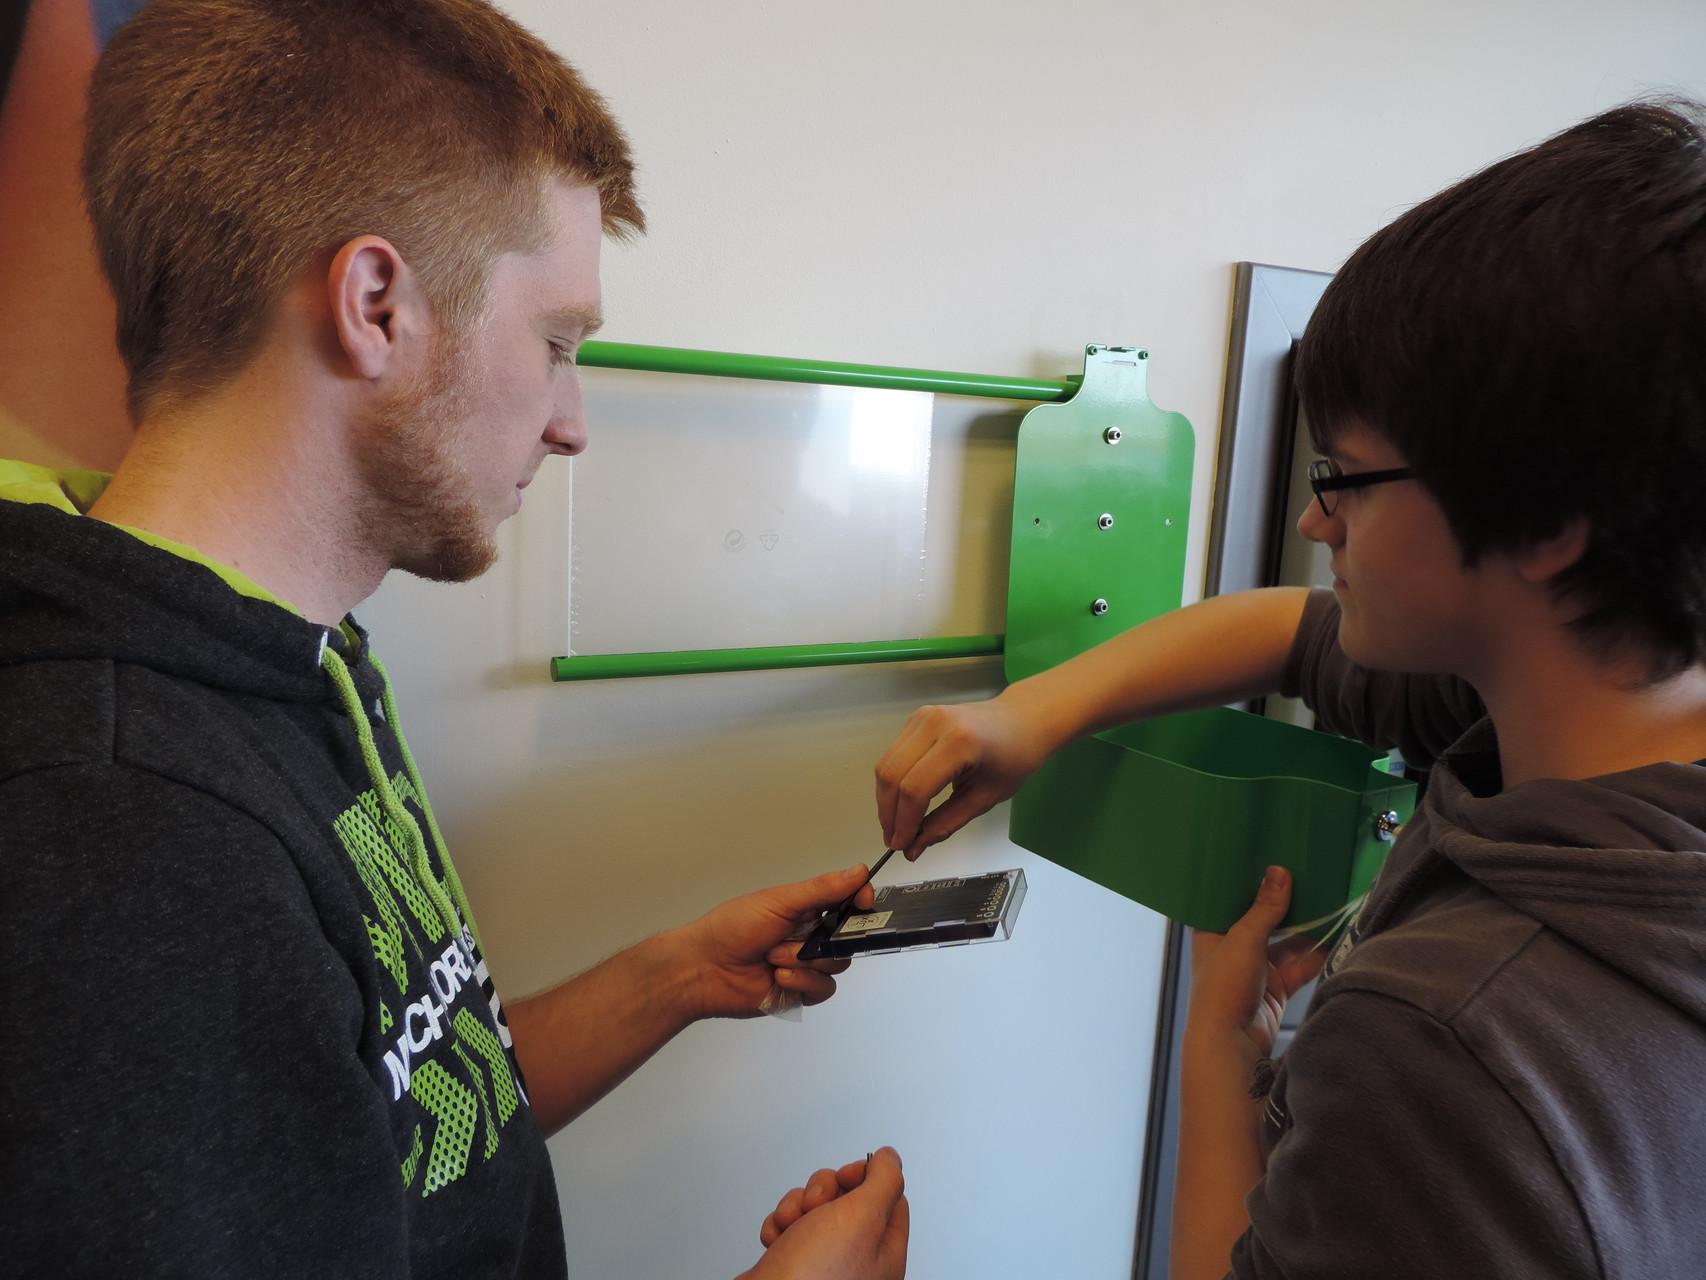 Und auch im Edeka in Knetzgau läuft die Aktion bereits! Hier bauen Kevin und Lukas die Pfandbox auf.